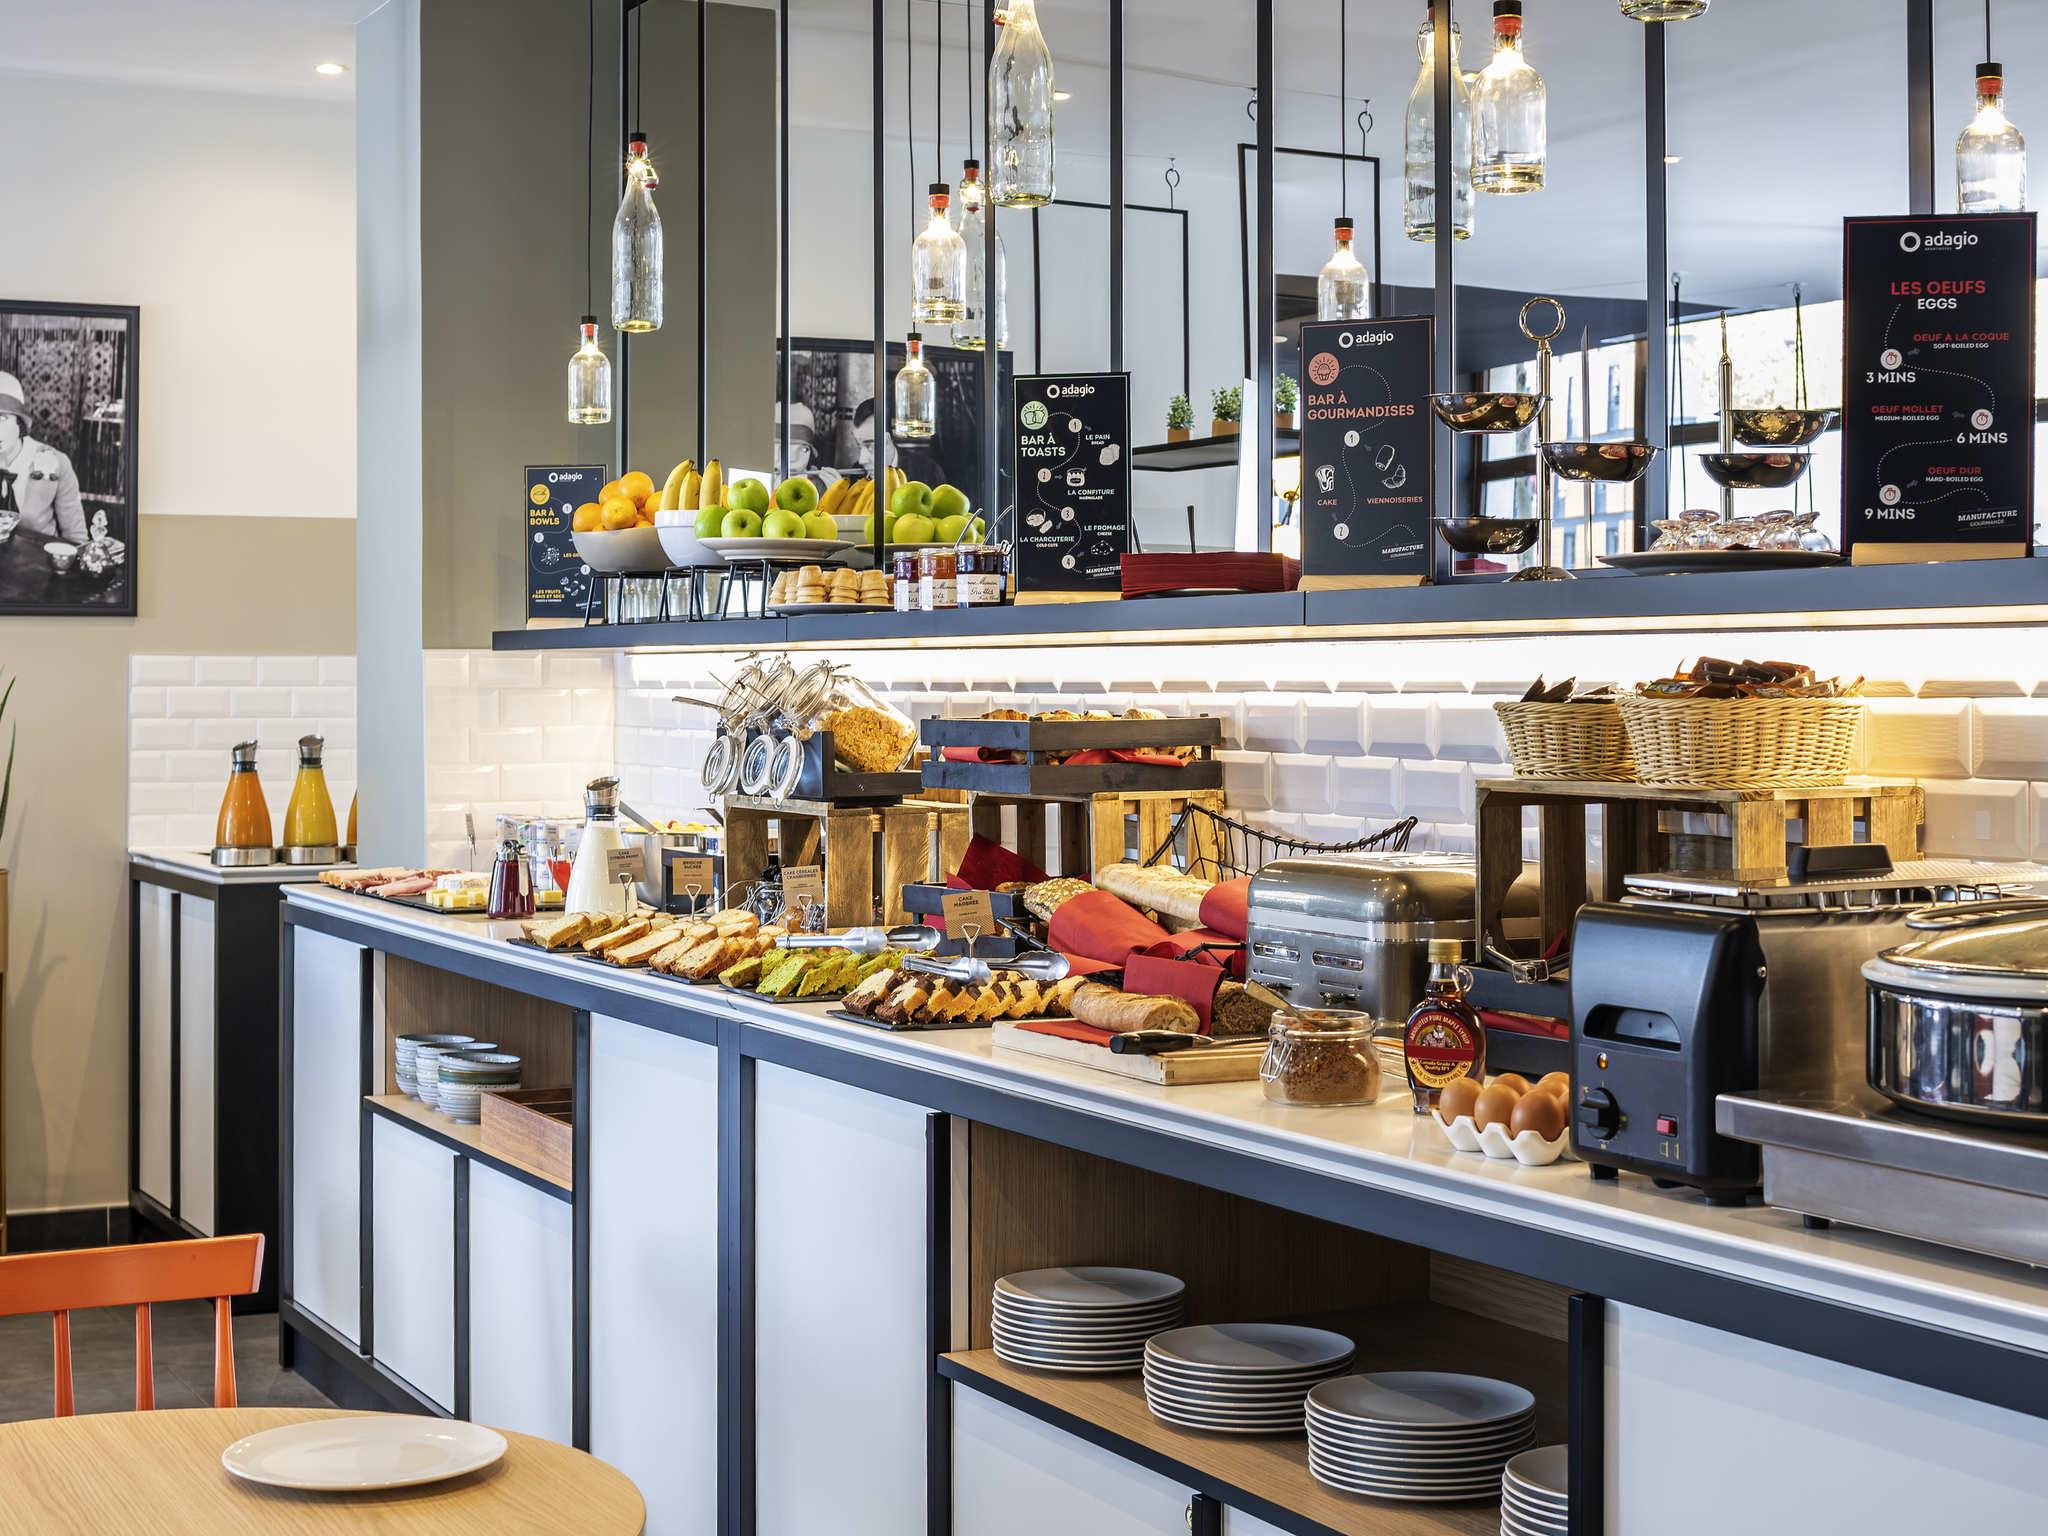 hotel in montrouge aparthotel adagio paris montrouge. Black Bedroom Furniture Sets. Home Design Ideas